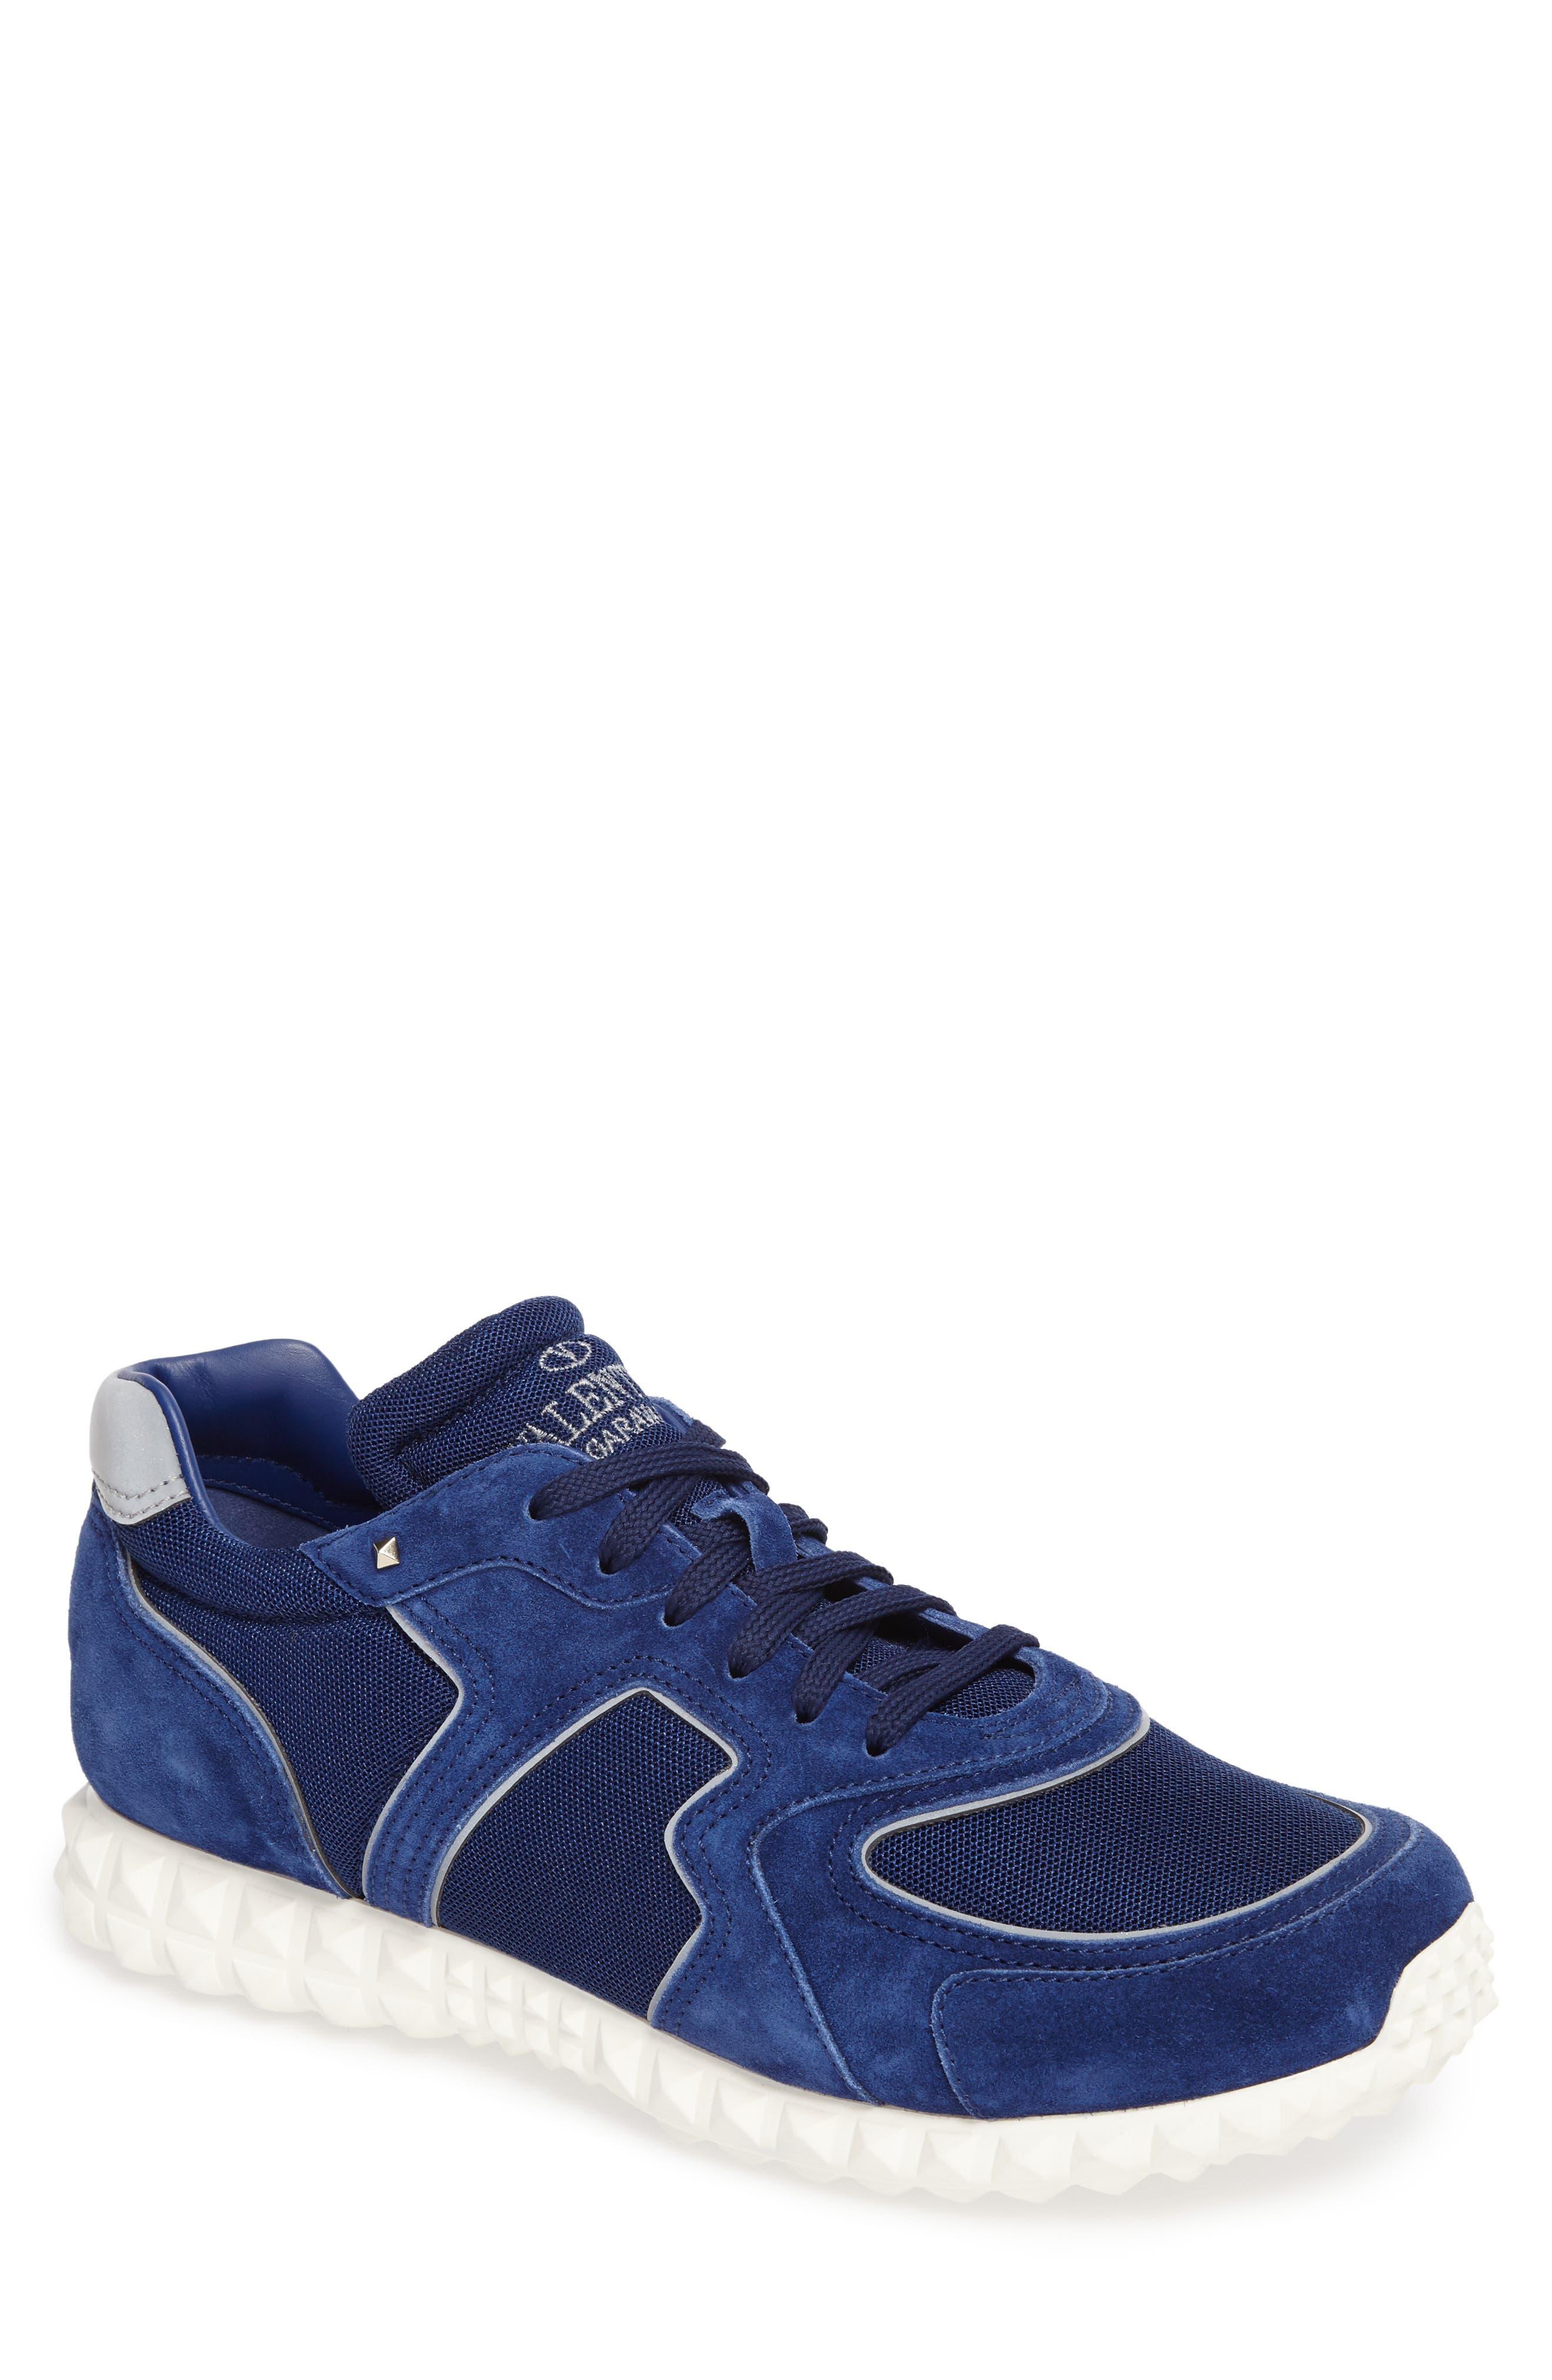 Soul AM Sneaker,                         Main,                         color, Blue Royal/ Blue Royal